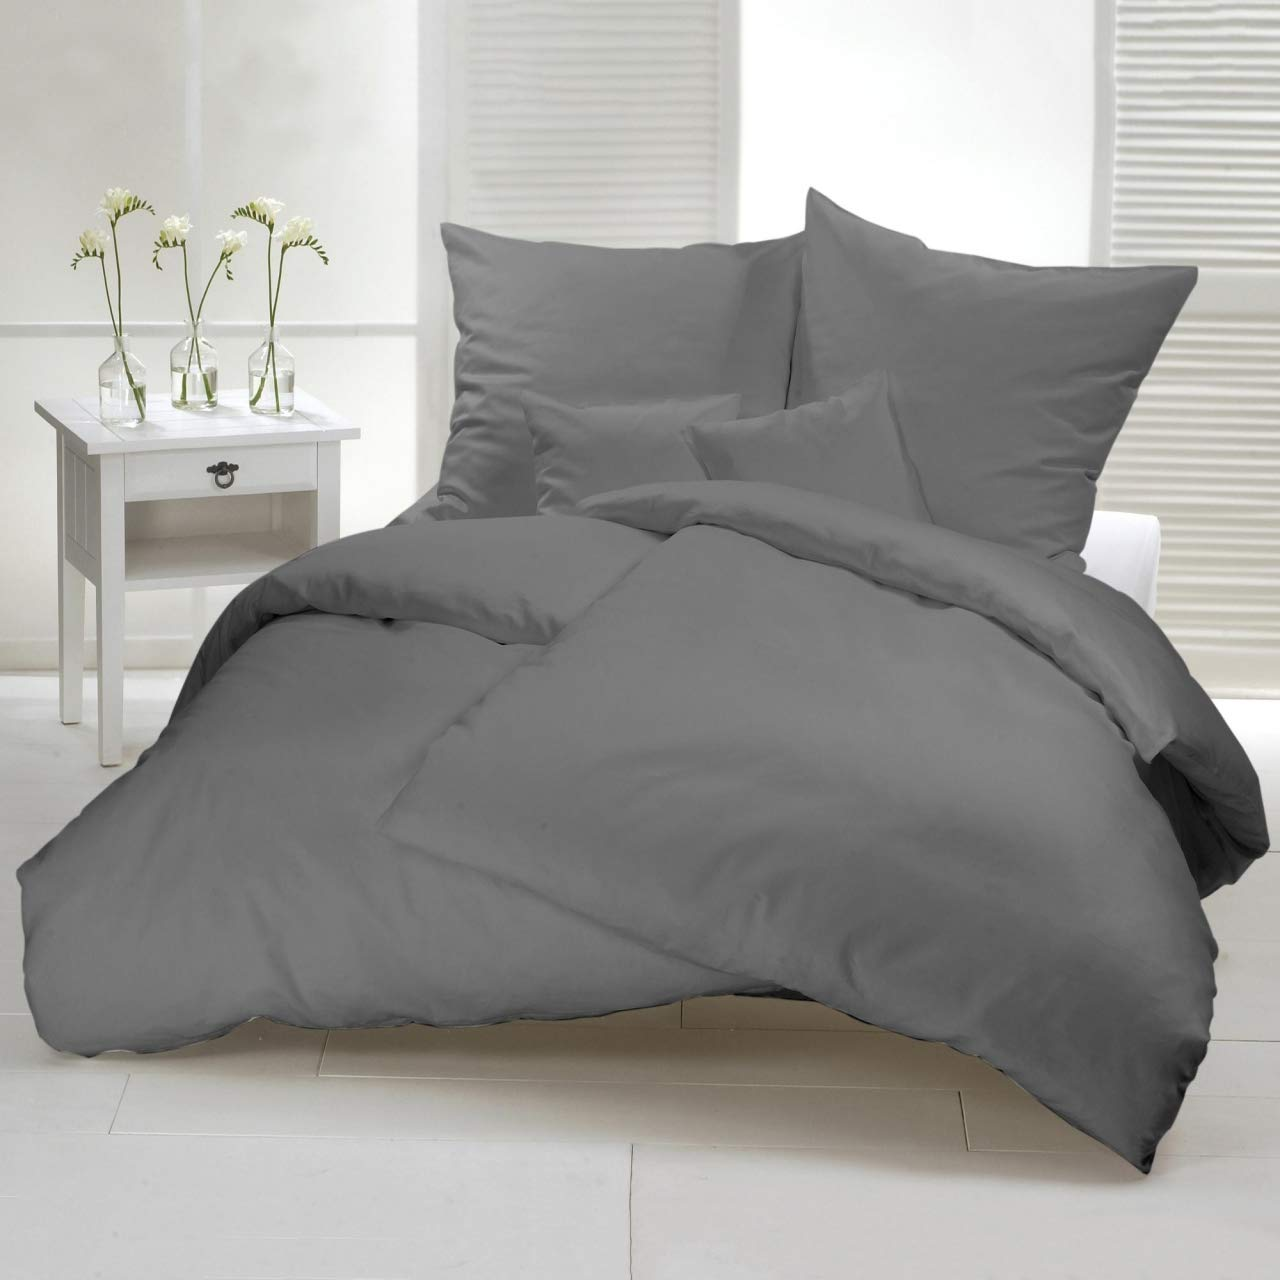 Bettwäsche 150x200 200x200 220x240 Bettbezug Kissenbezug Bettgarnitur 3tlg Neu